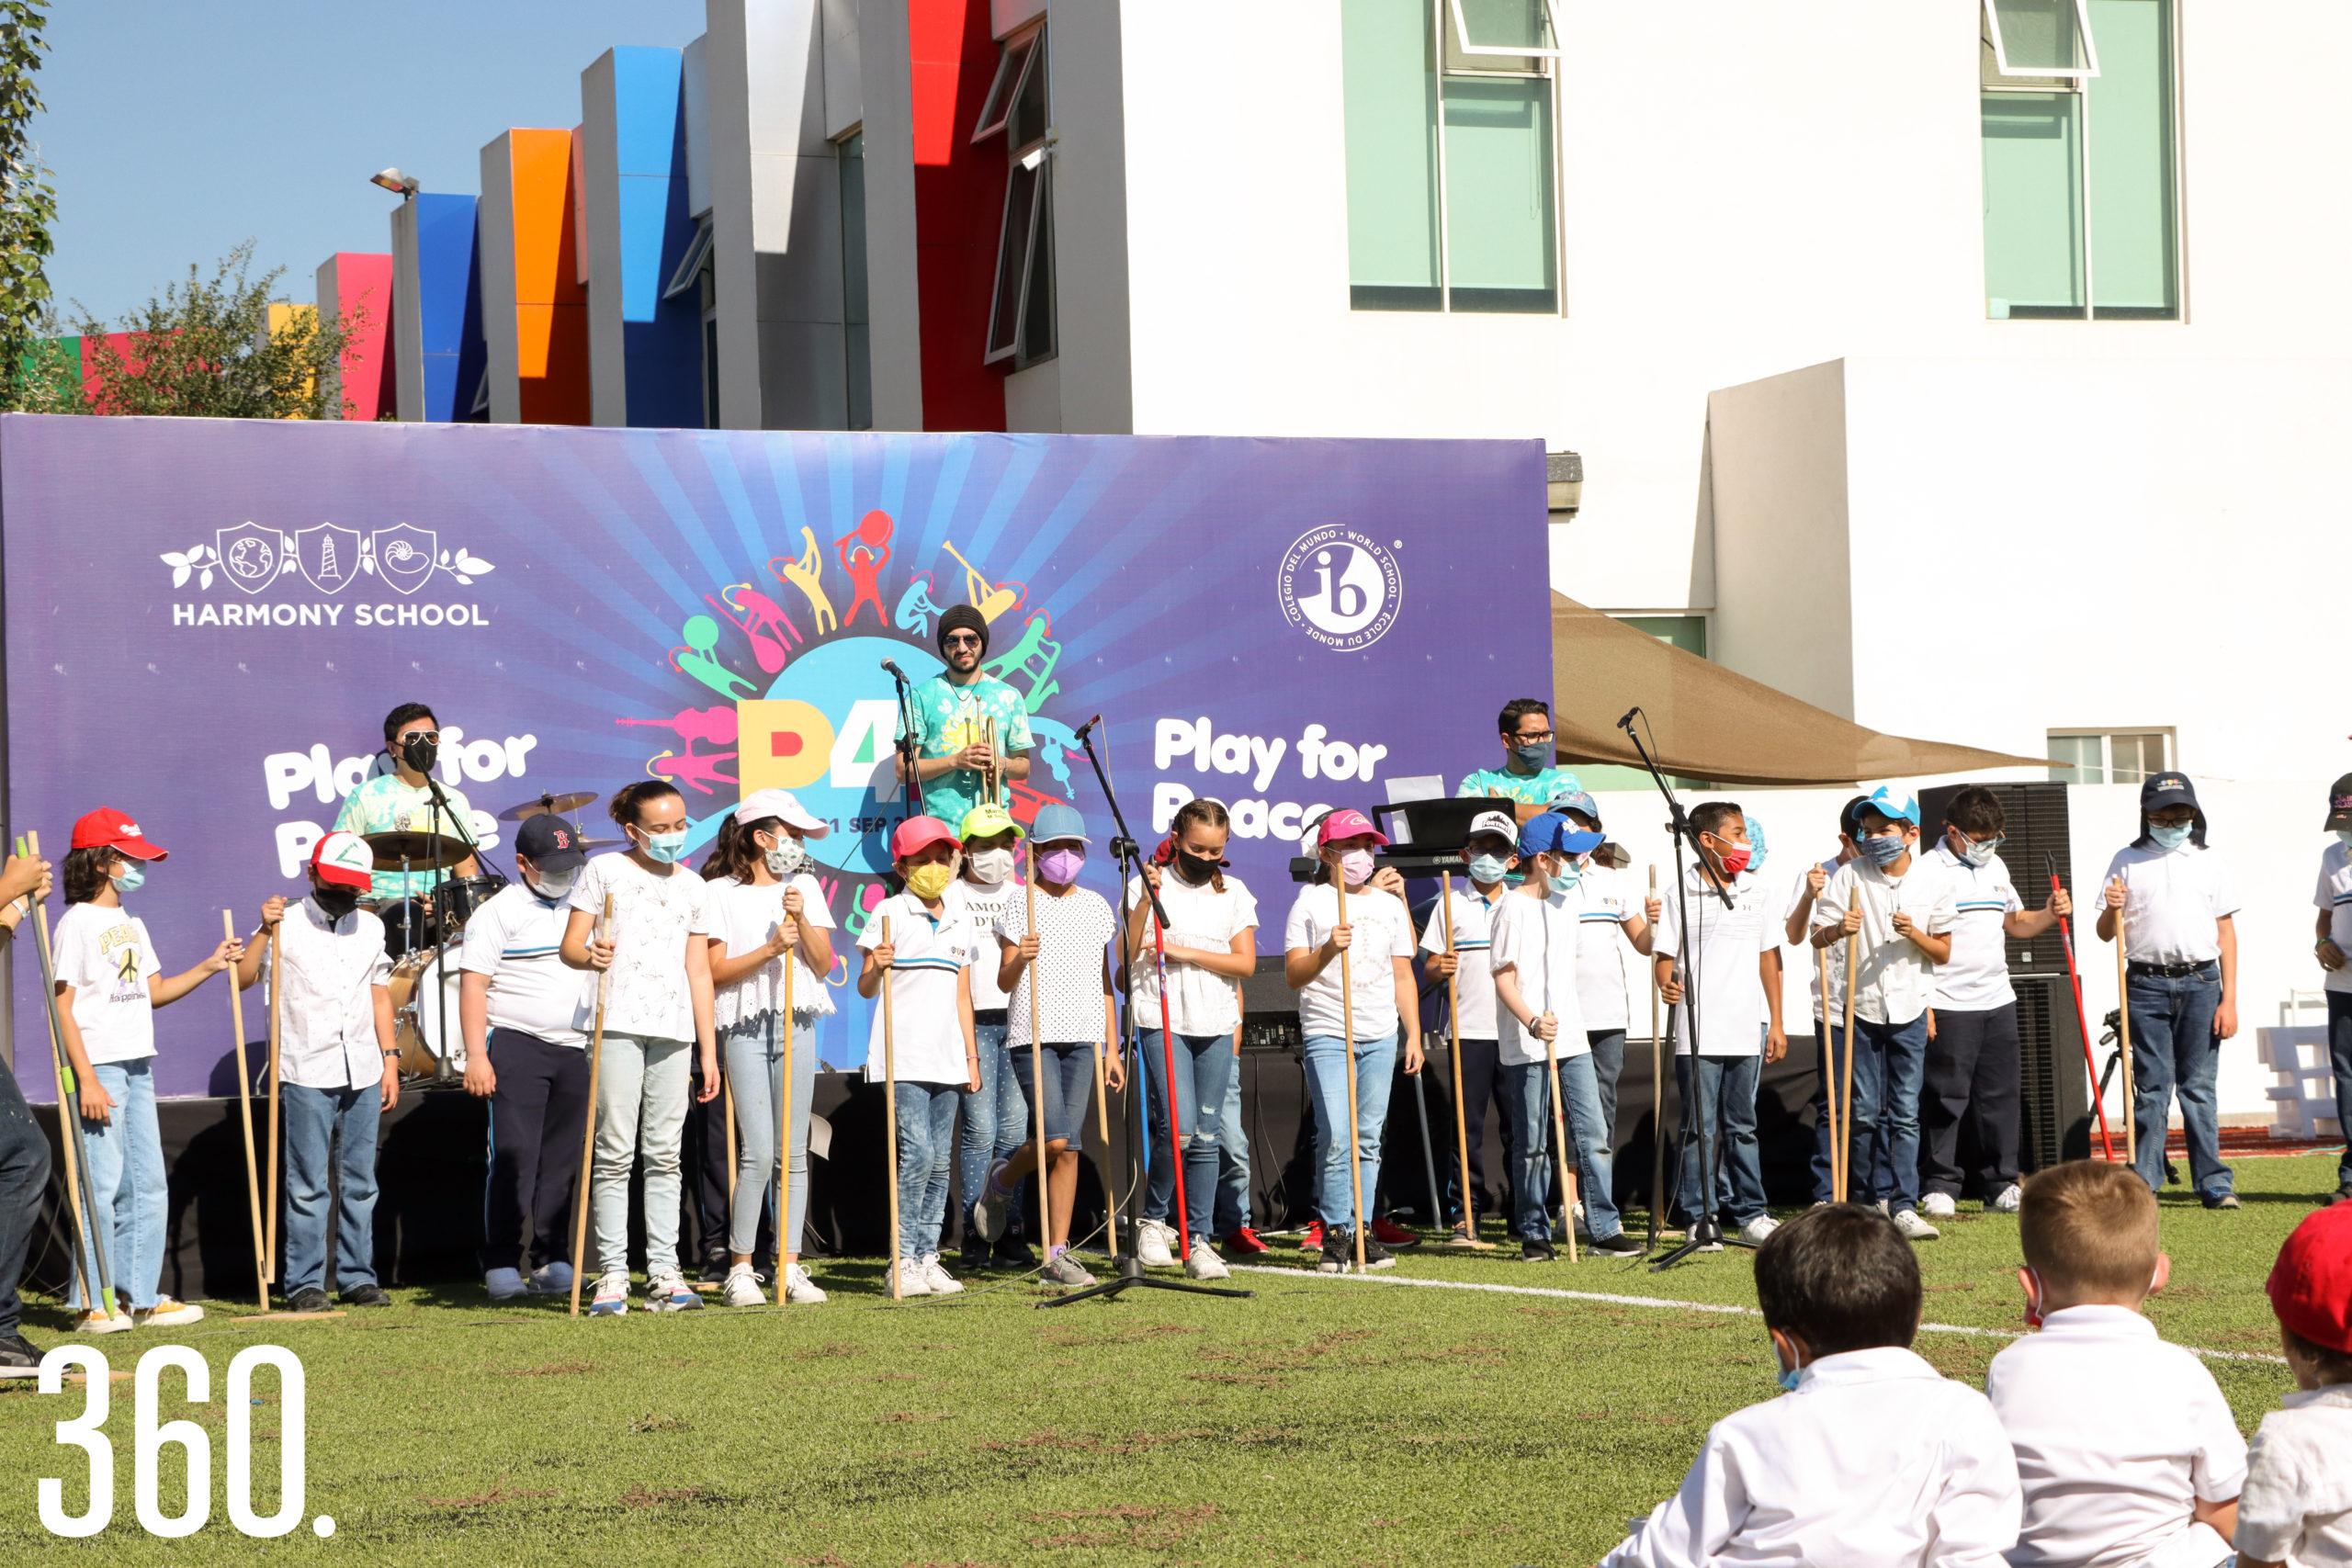 Alumnos de quinto año realizando una presentación musical.